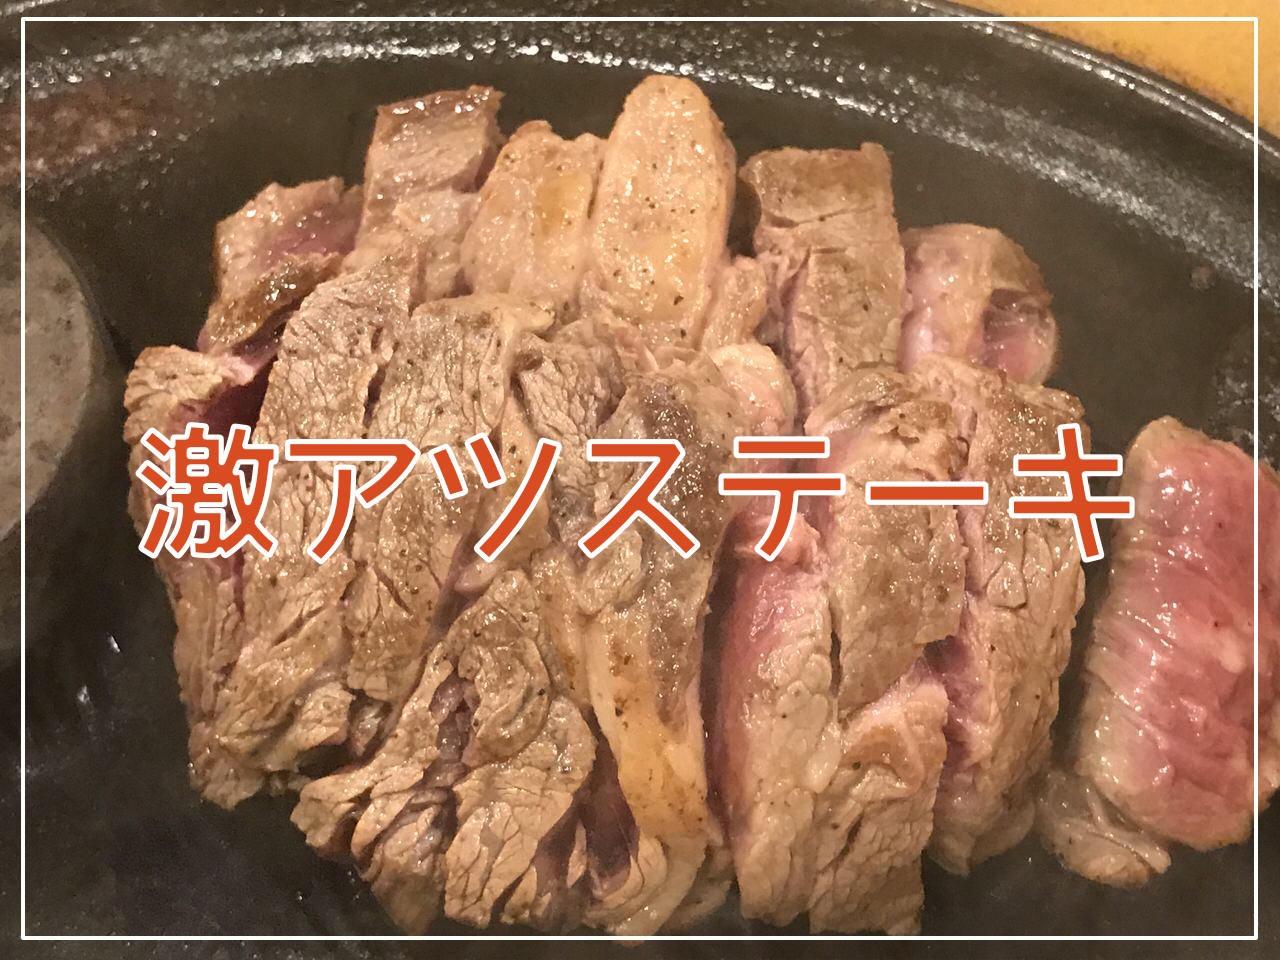 「ステーキのどん」激アツステーキ200g/1,480円でガッツリ肉を喰らう!ライスもお代わり自由!